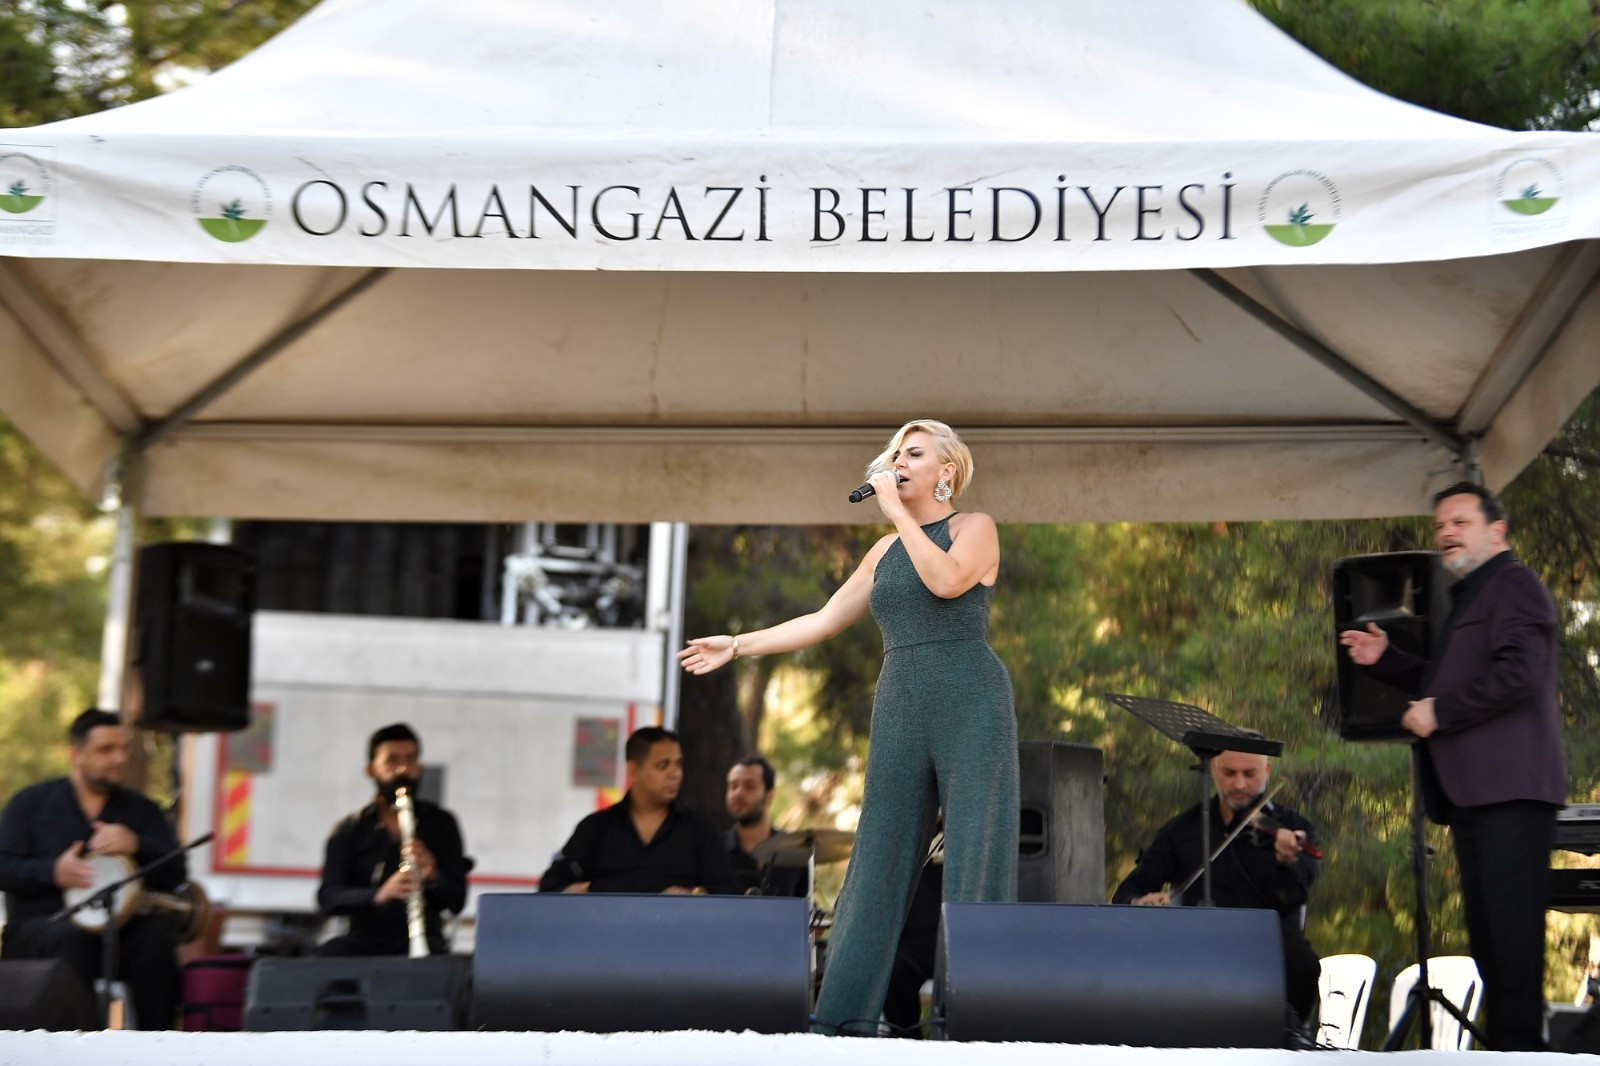 Osmangazi'den 'siyah incir'e yakışan festival